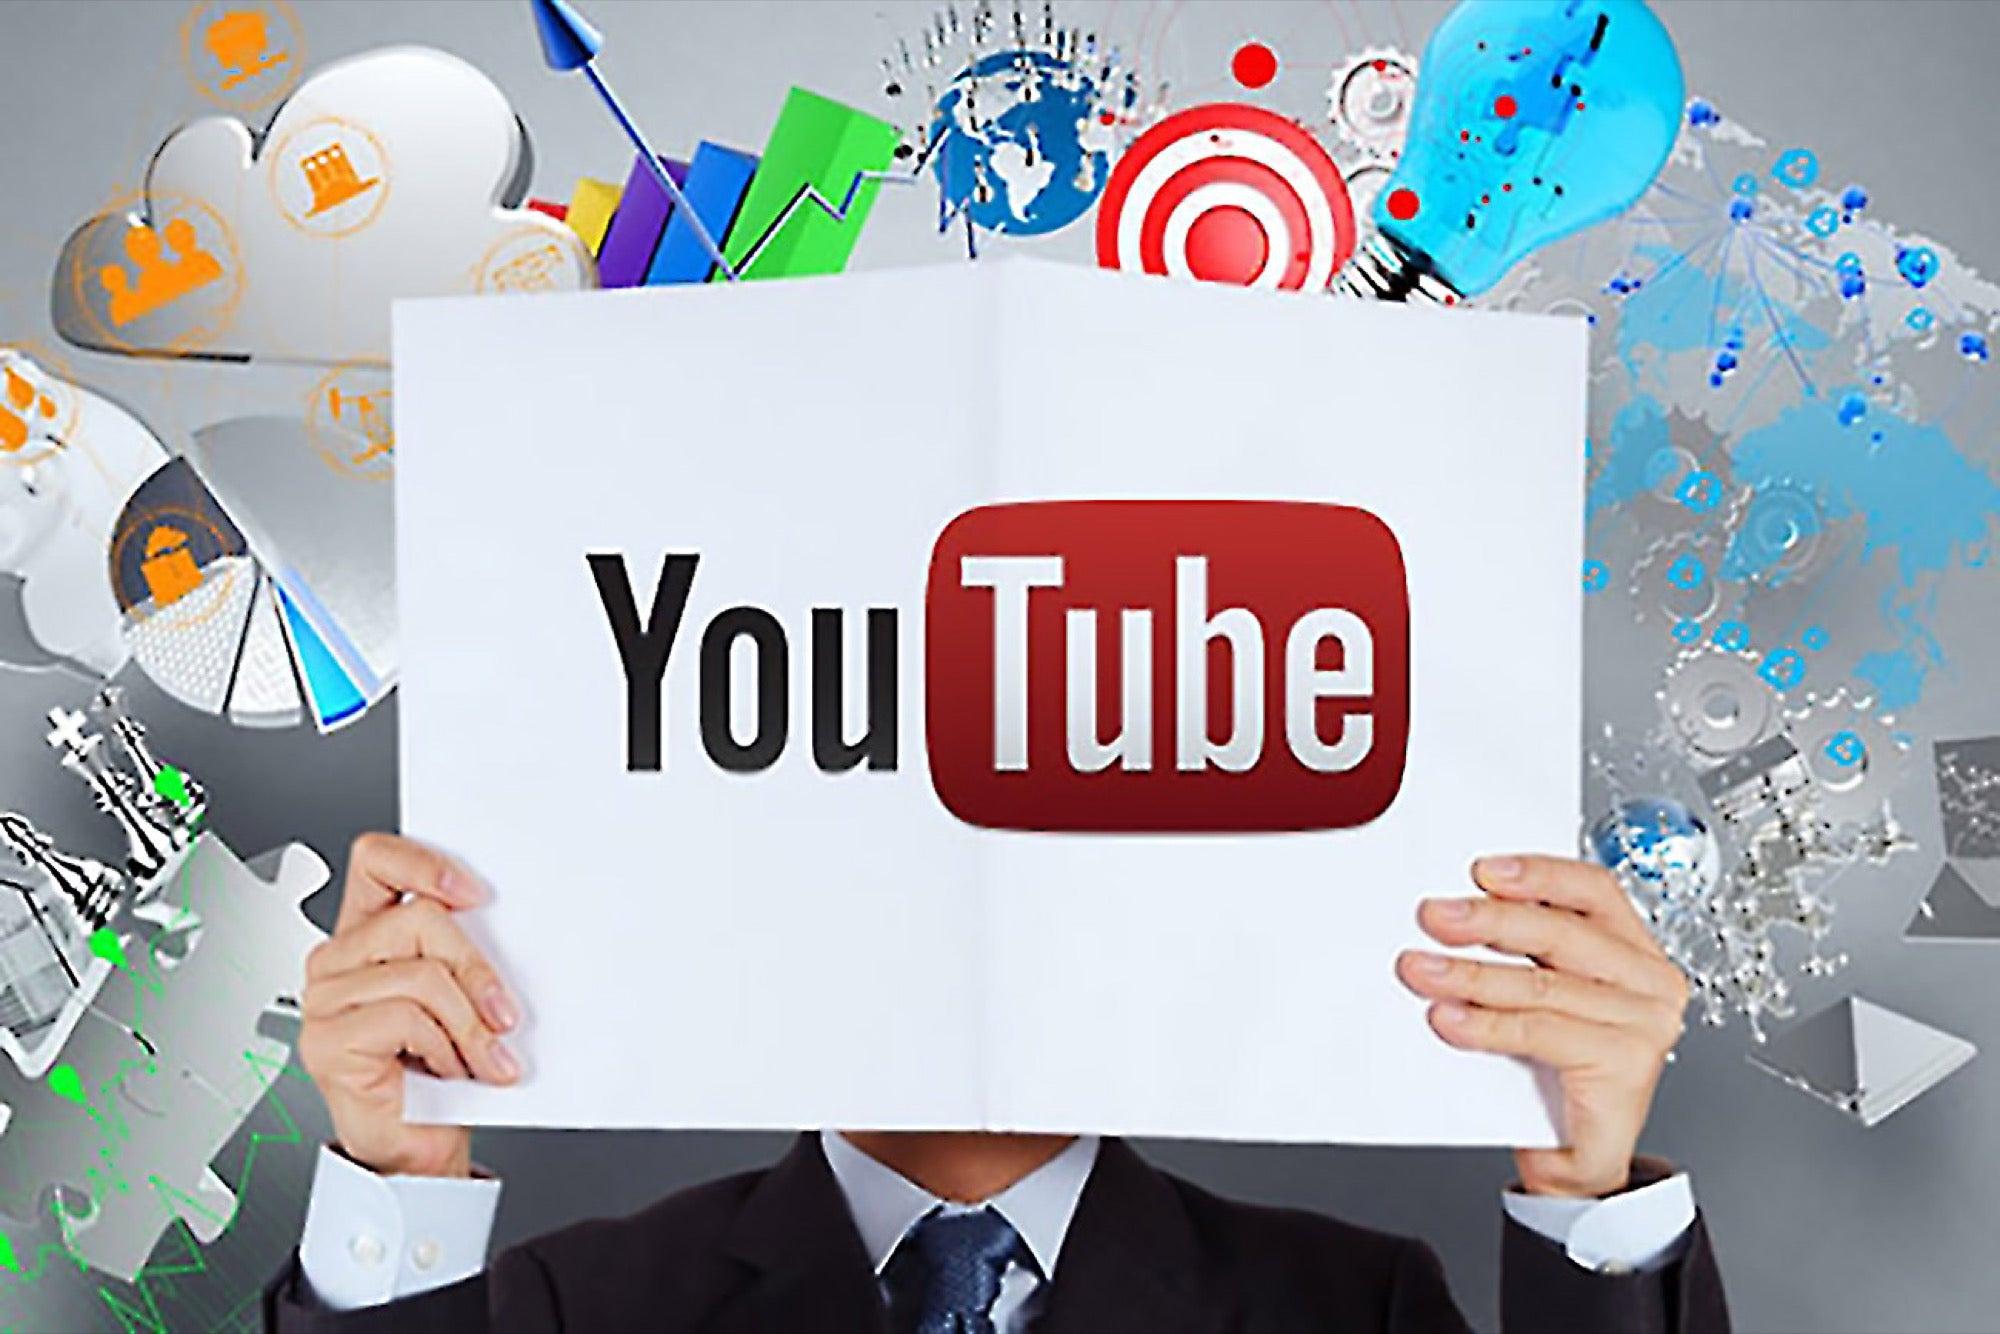 Youtube-marketing.new